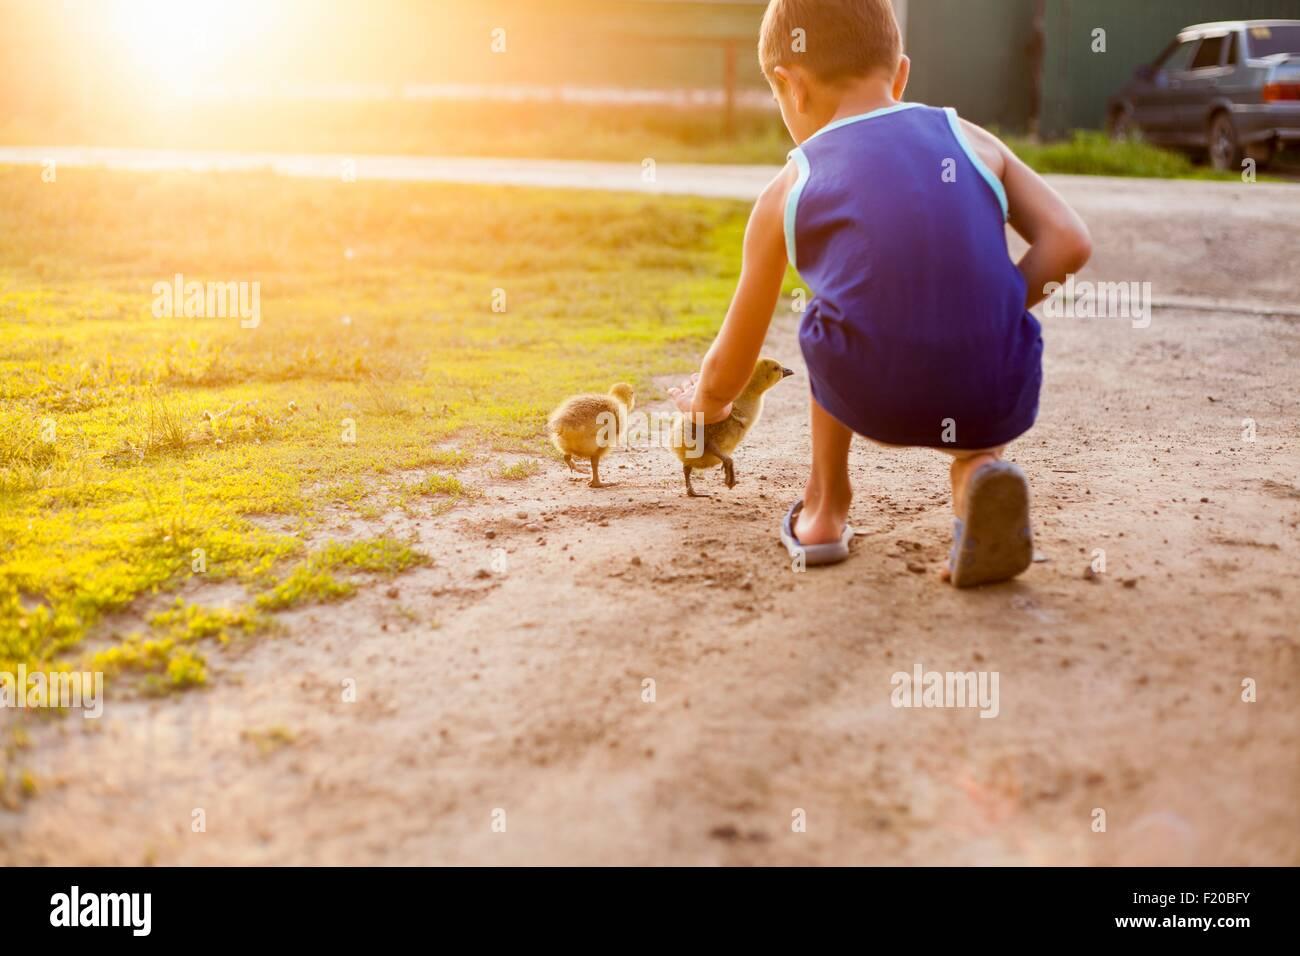 Giovane ragazzo, accarezzare anatroccoli, vista posteriore Immagini Stock